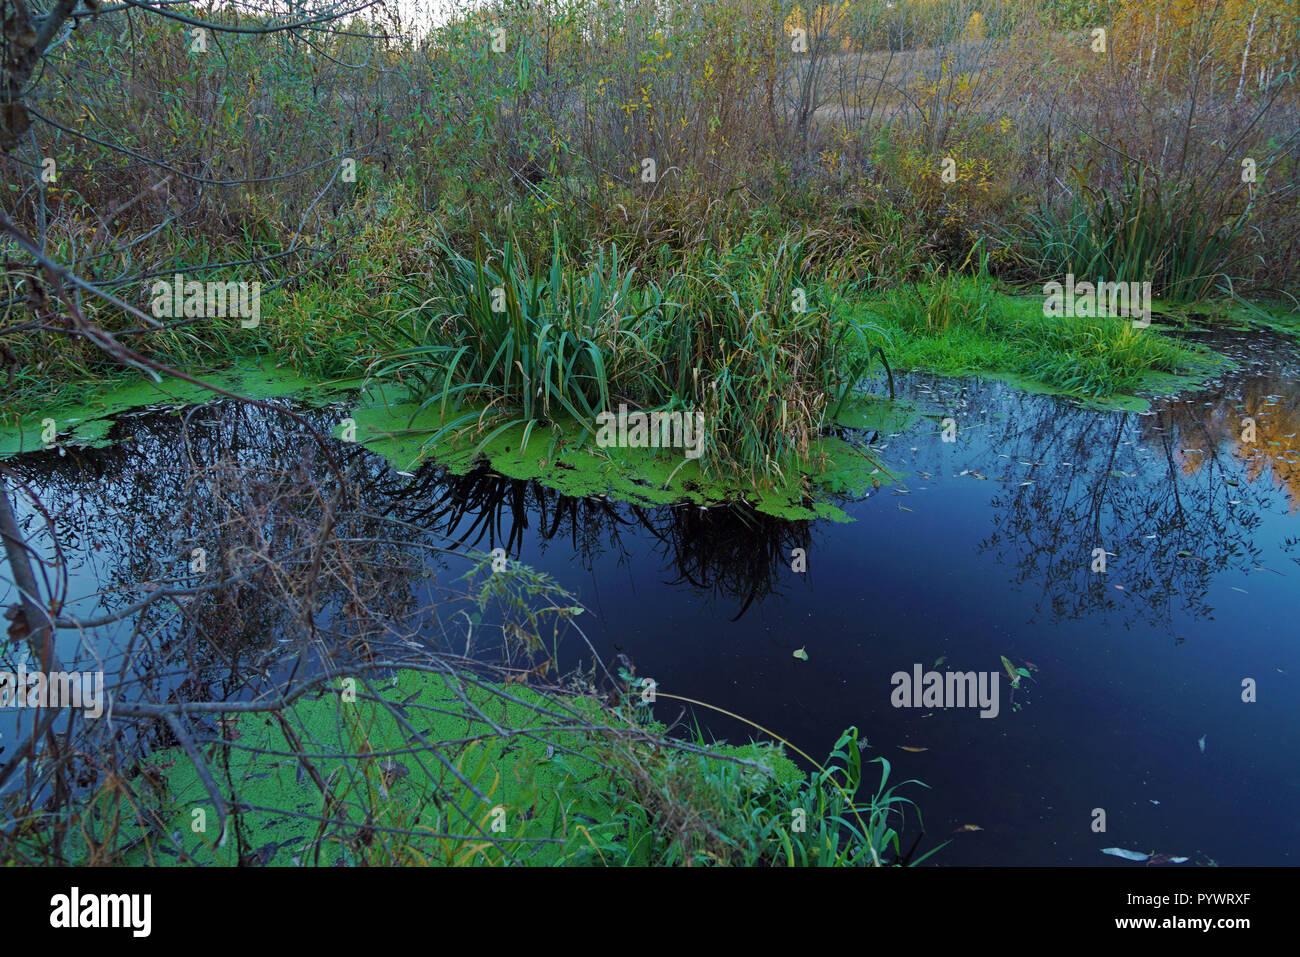 Bella estate paesaggio forestale con marsh, ricoperta con canne e lenticchie d'acqua Foto Stock